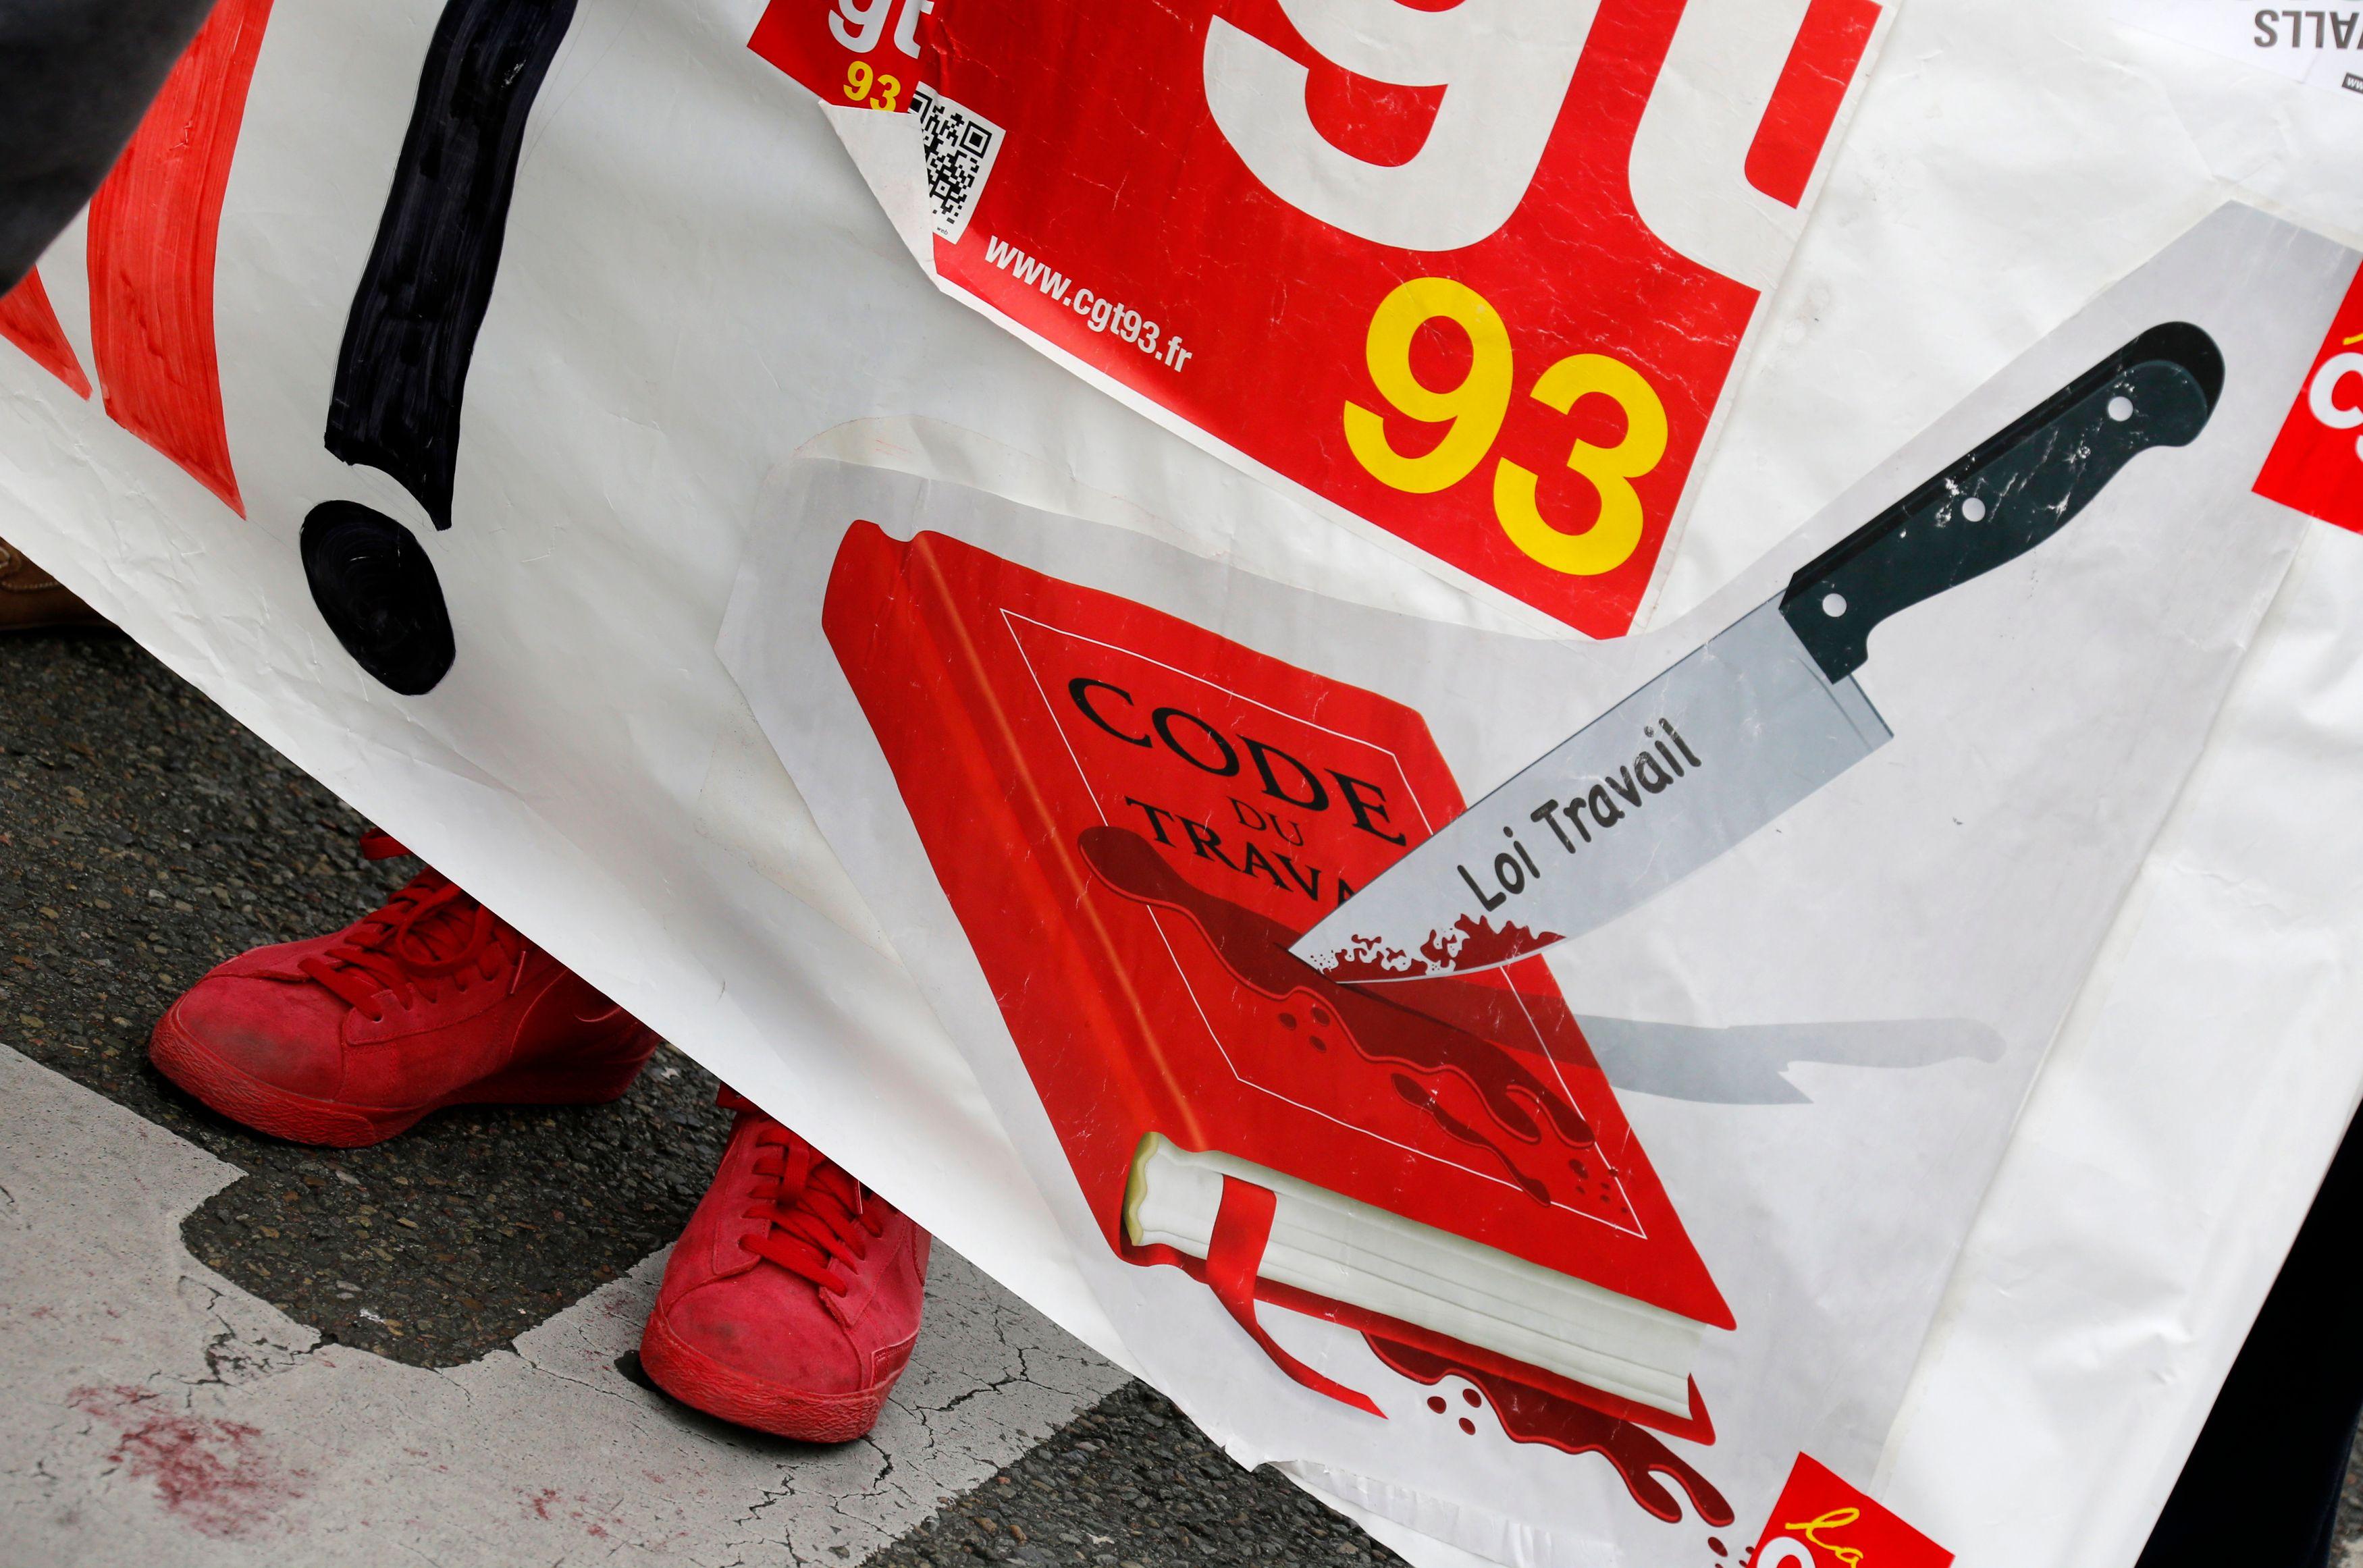 Attentat de Nice : La CGT perturbe la minute de silence organisée par le Parti socialiste lors du festival d'Avignon